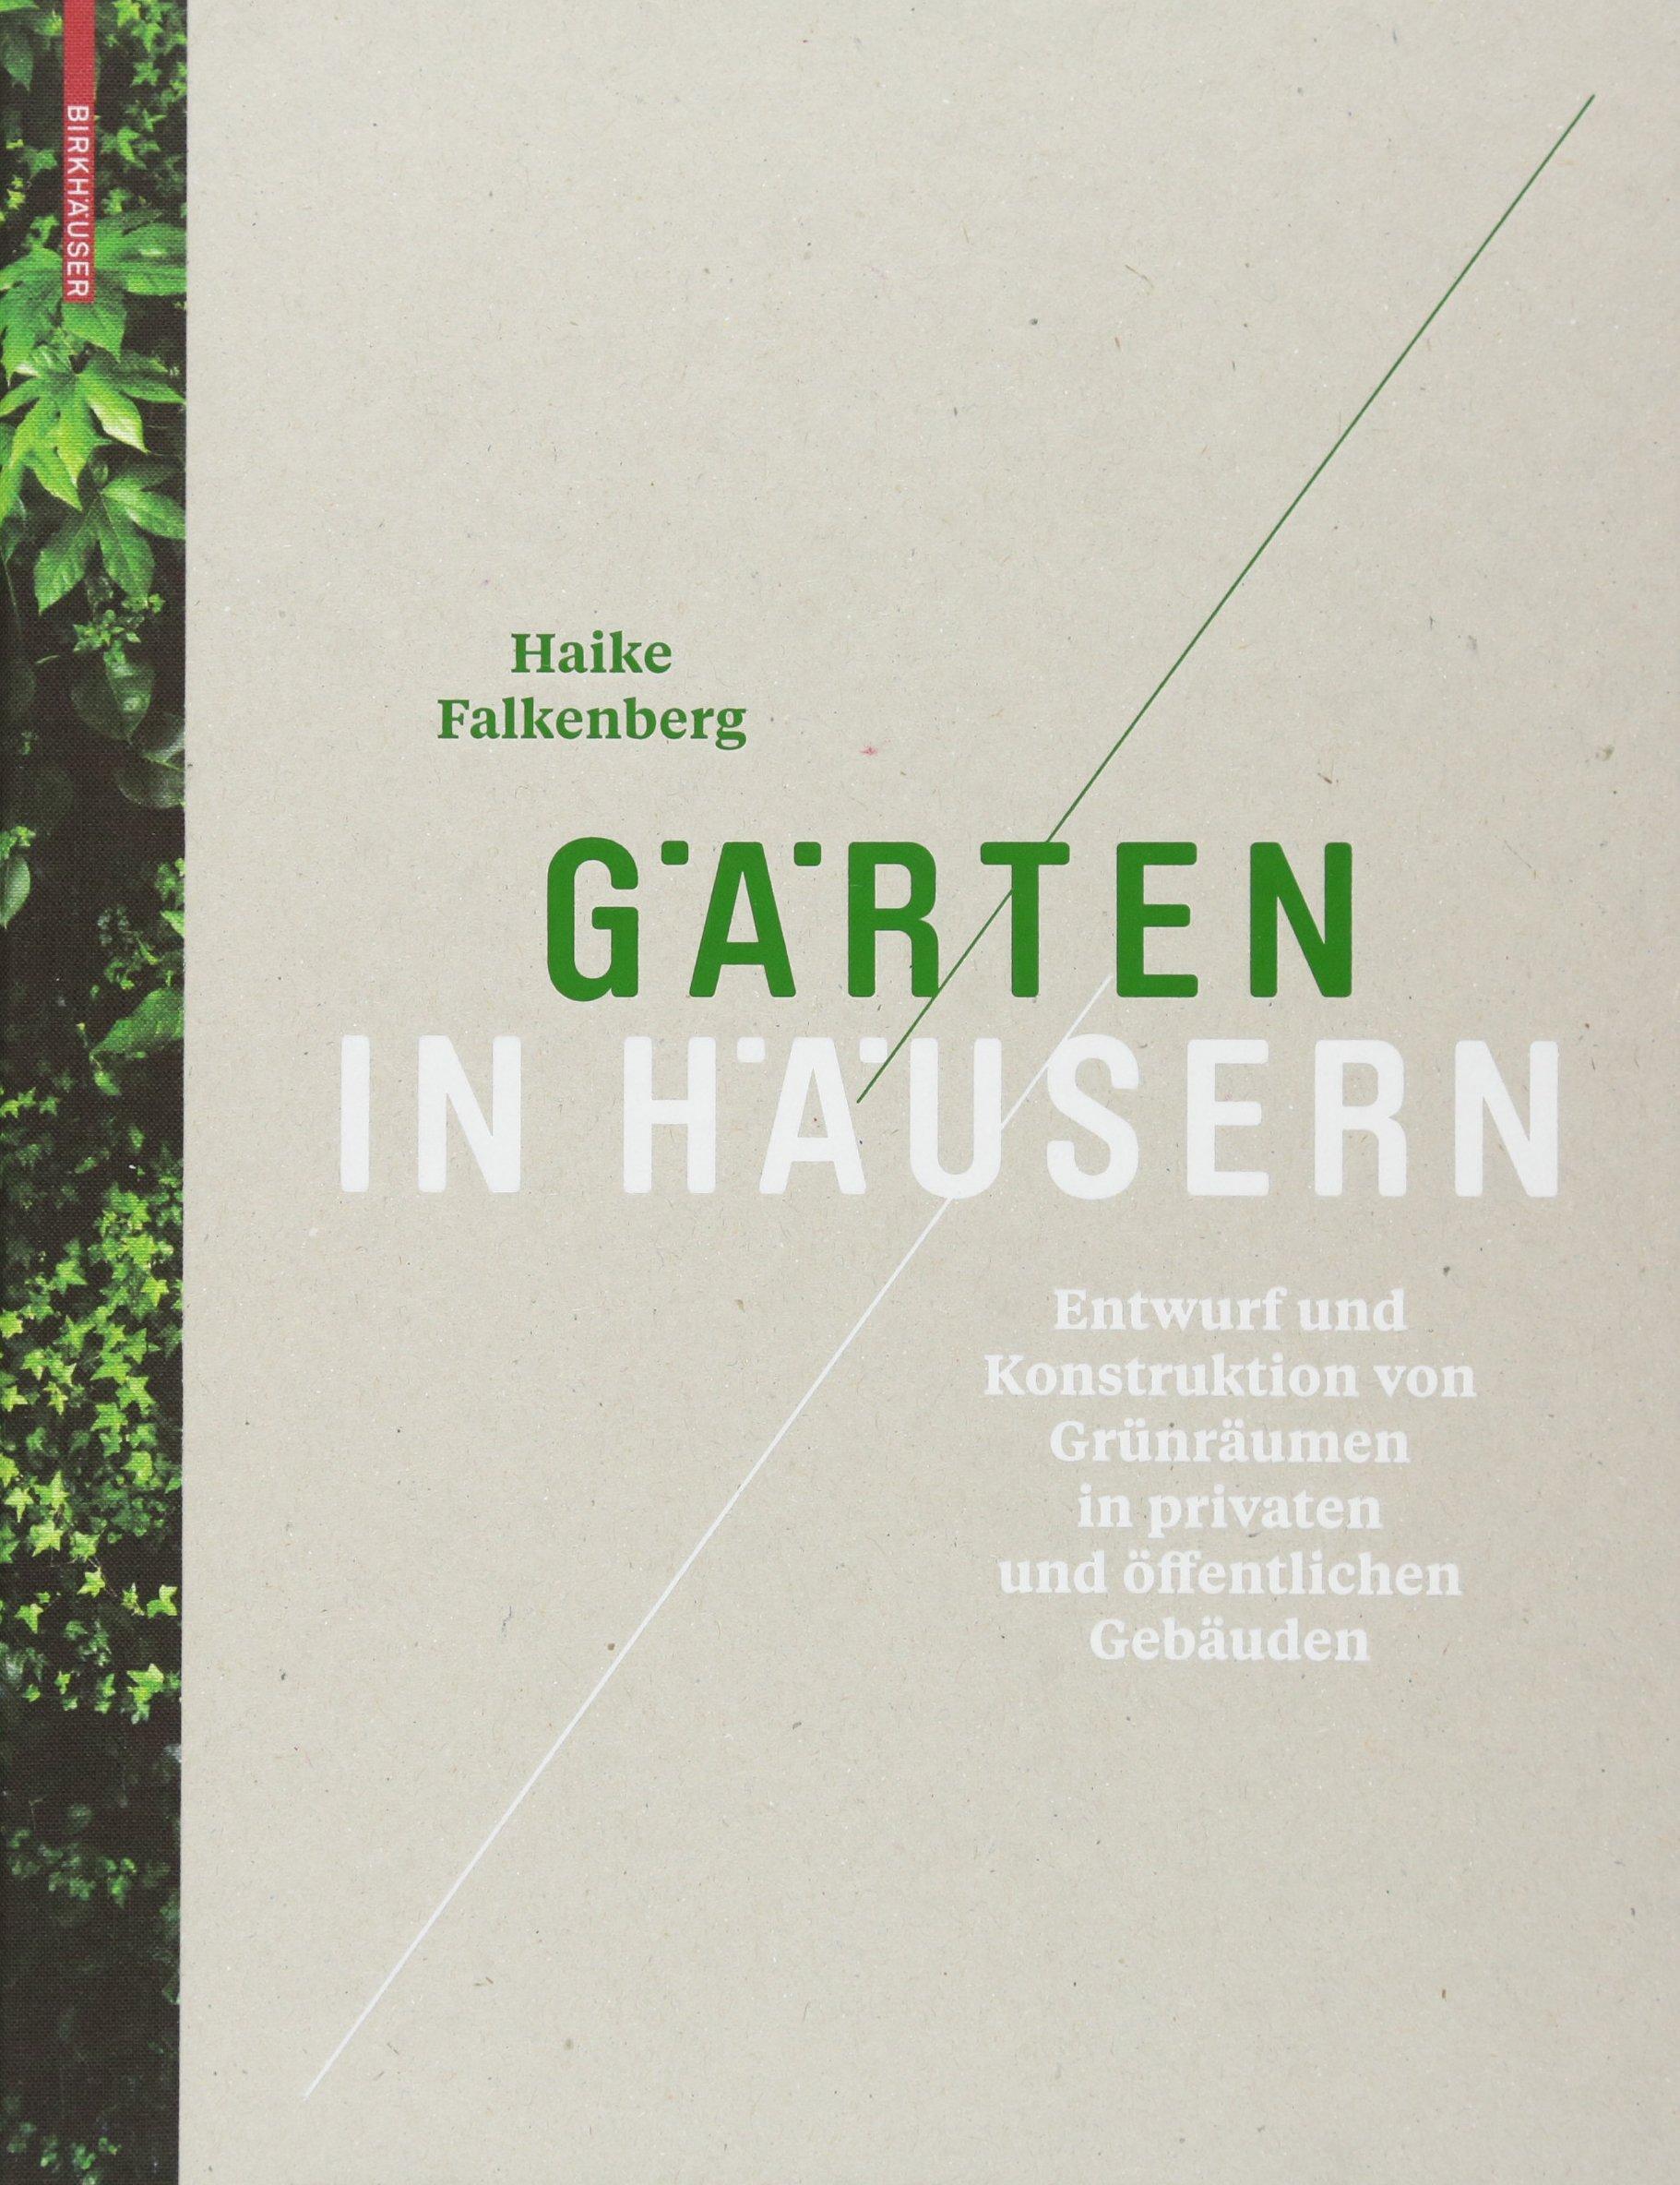 Gärten in Häusern: Entwurf und Konstruktion von Grünräumen in privaten und öffentlichen Gebäuden